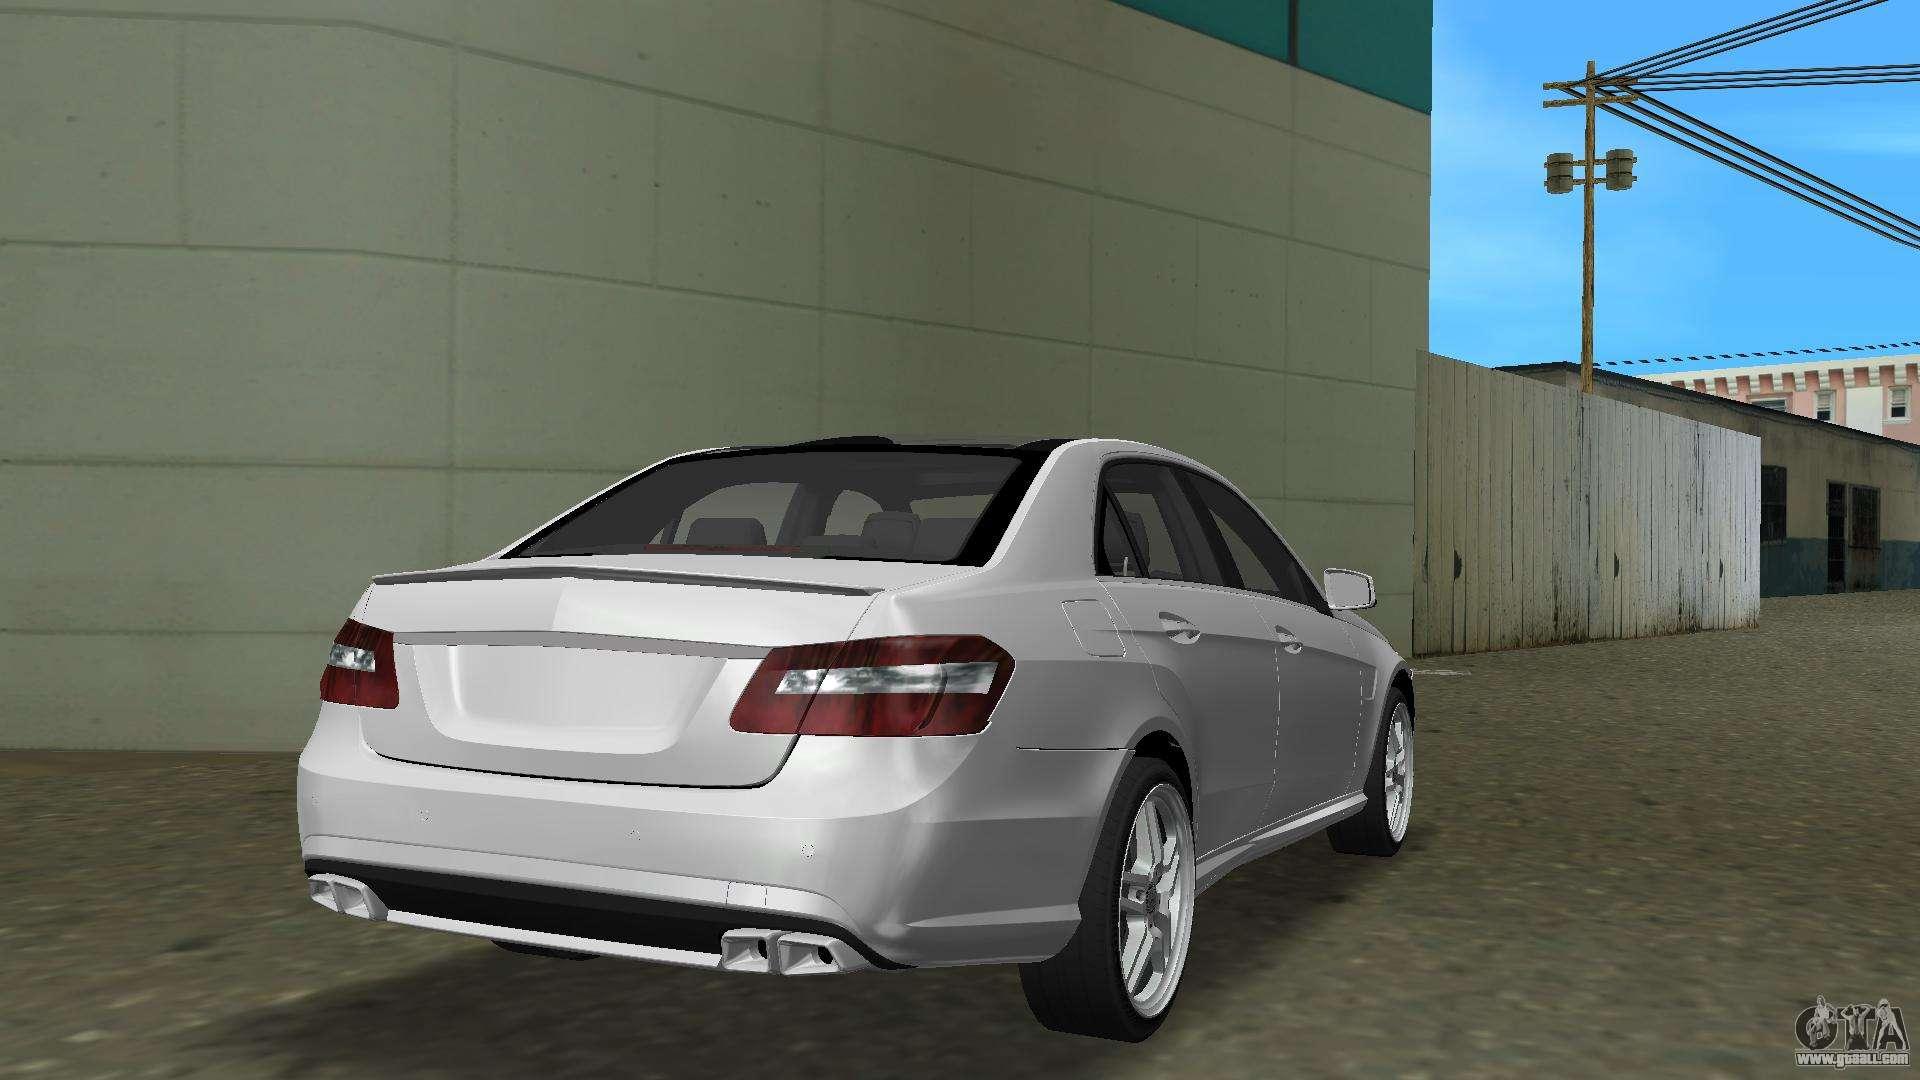 Mercedes benz e63 amg tt black revel for gta vice city for Mercedes benz e63 amg